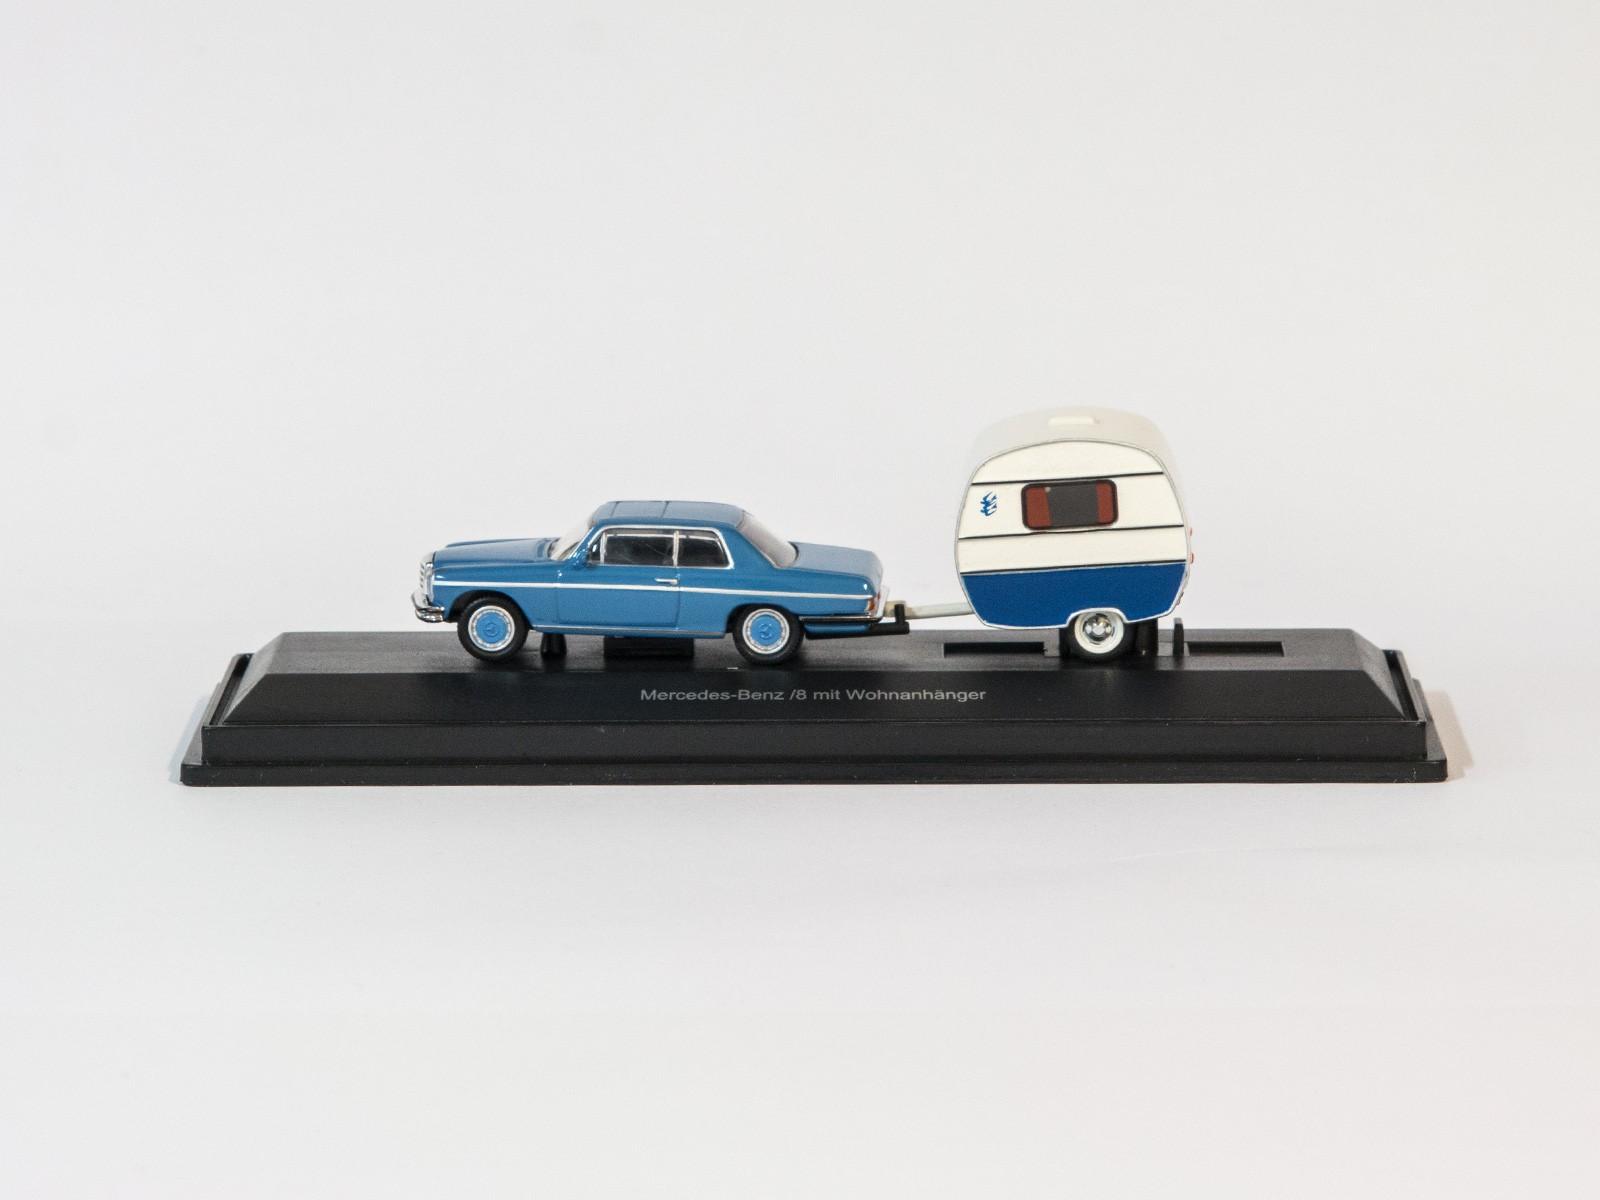 Schuco 452615200  Mercedes-Benz /8 mit Wohnanhänger